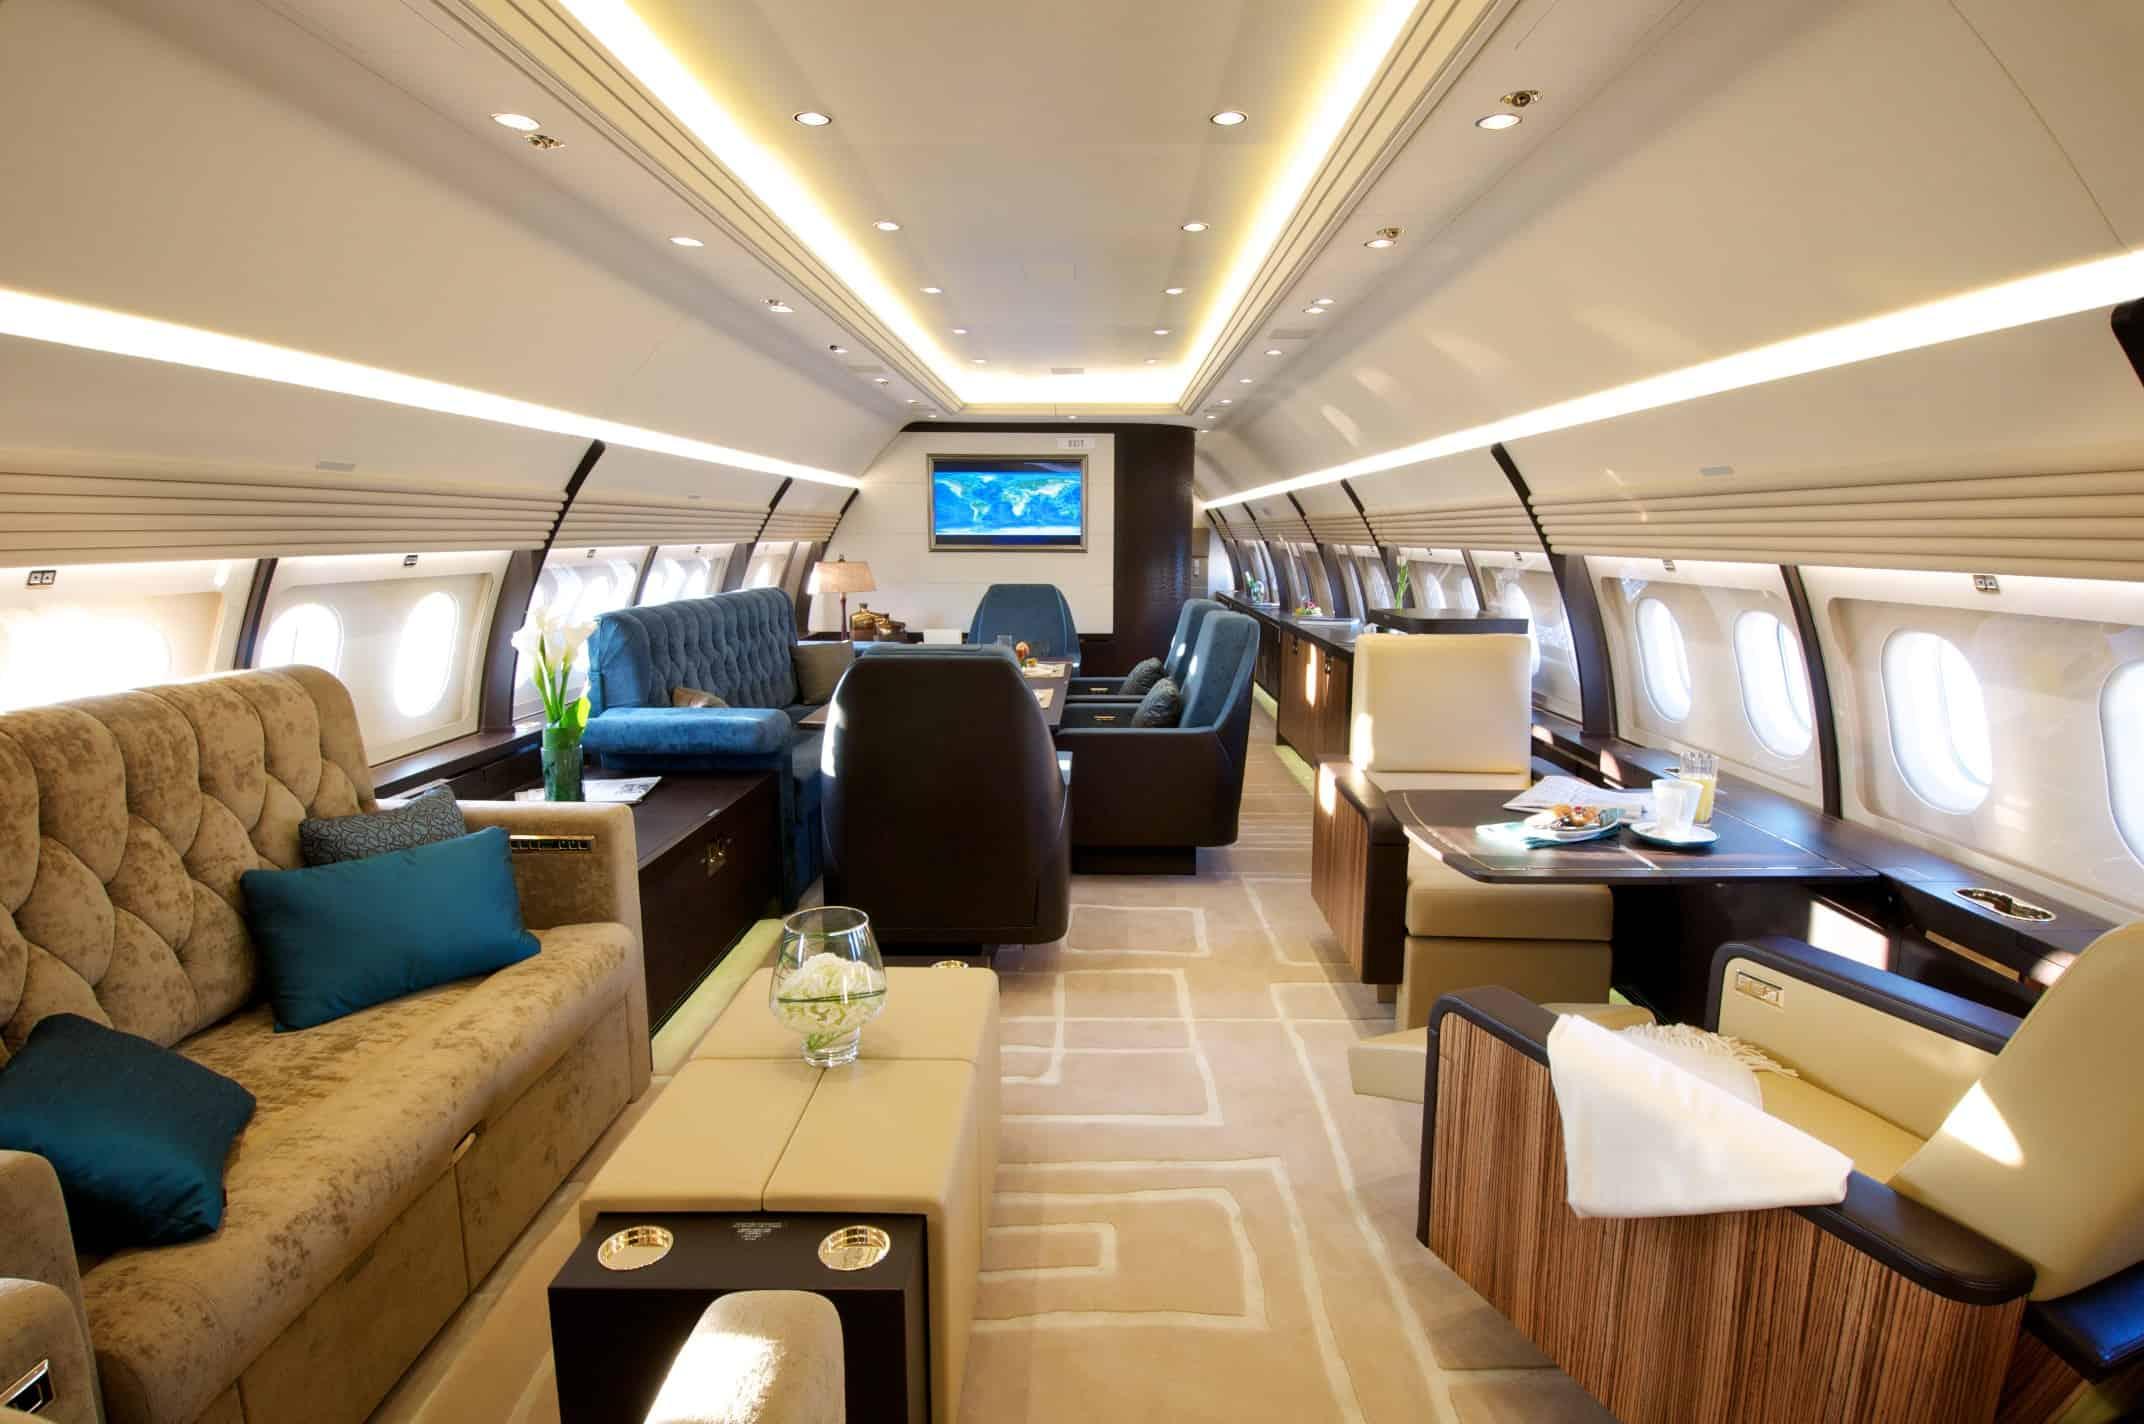 Airbus ACJ319: Interior